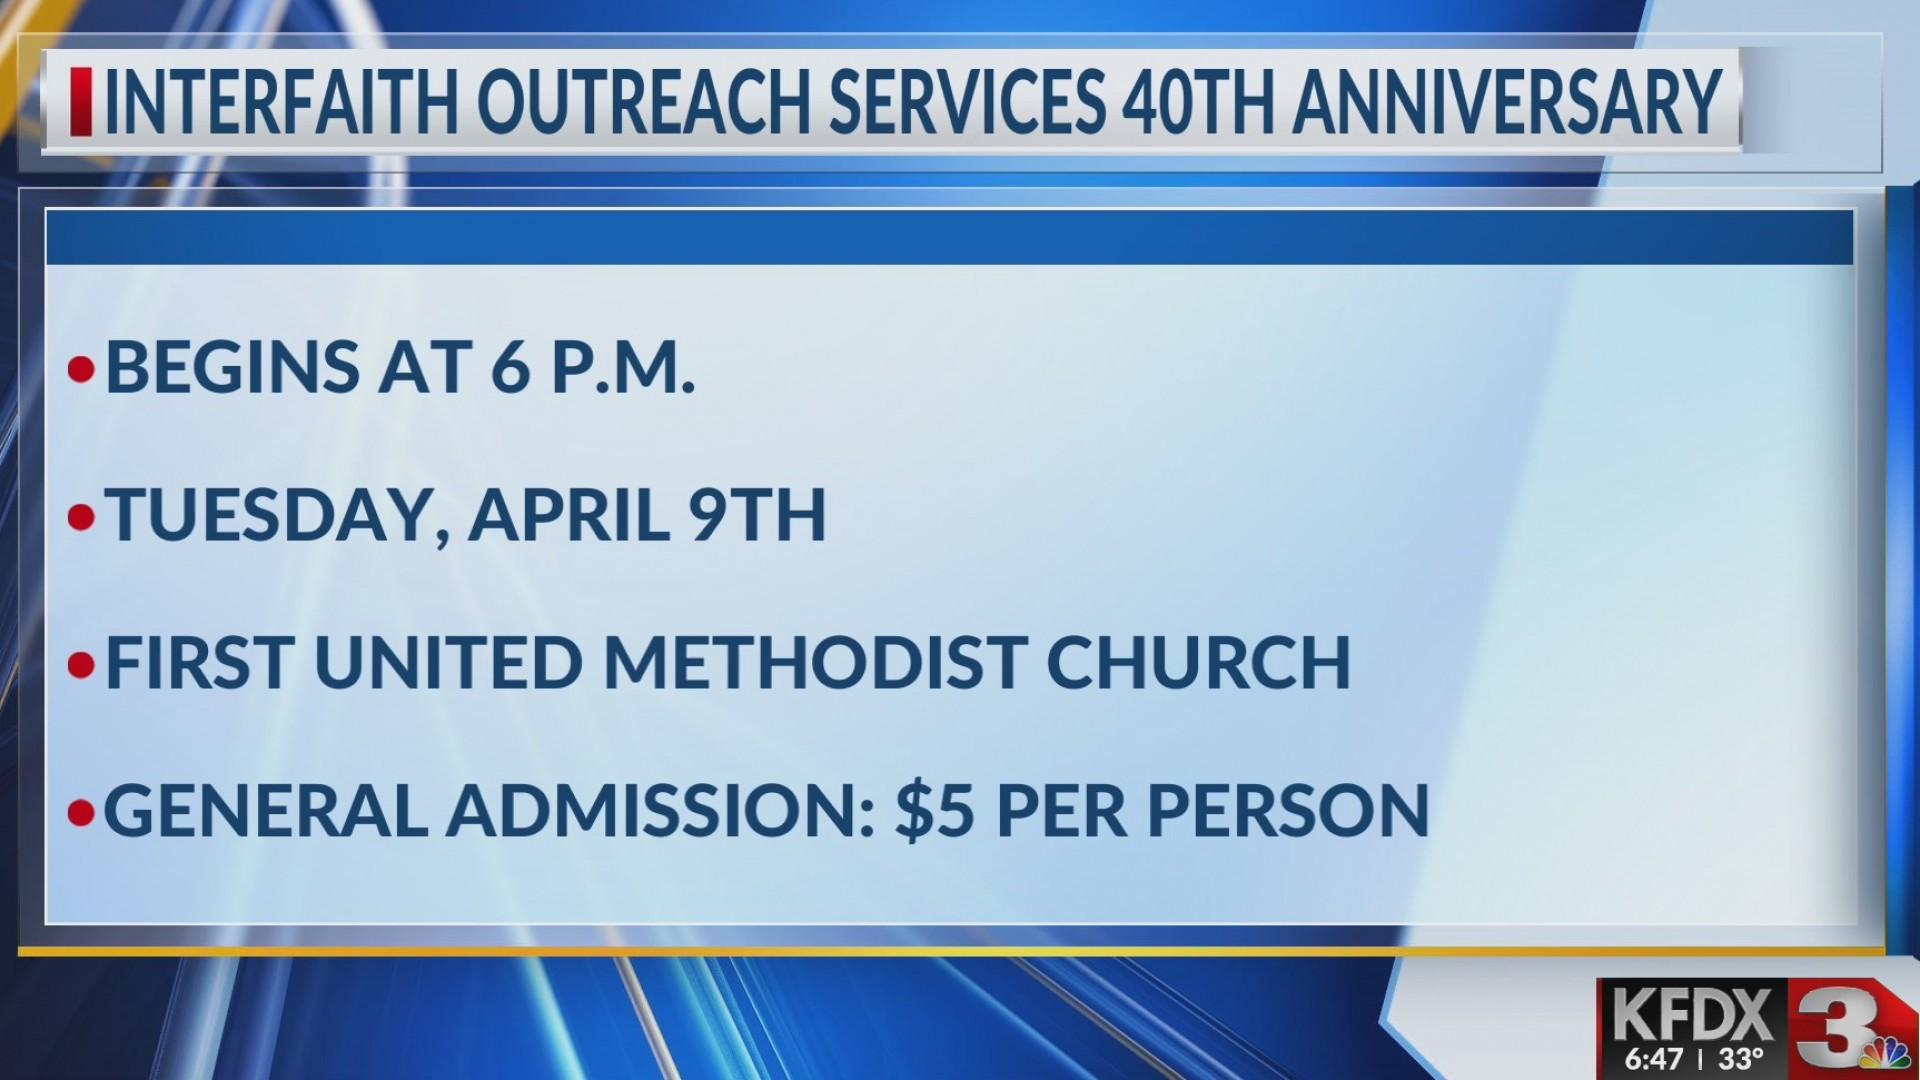 Interfaith_outreach_services_40th_annive_0_20190219125106